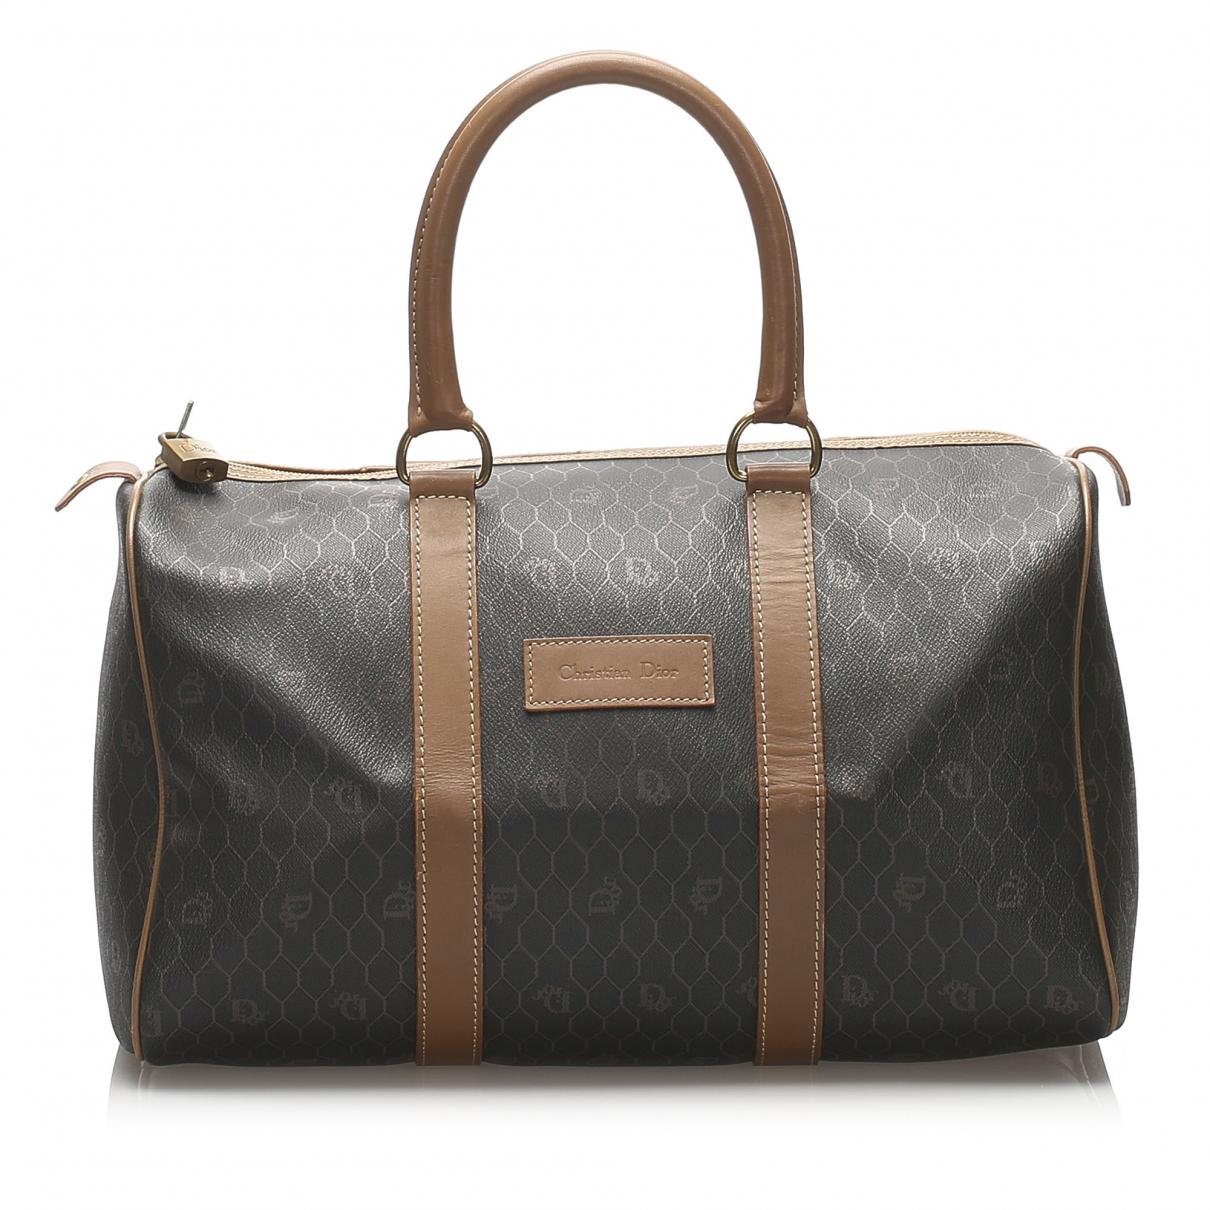 Dior - Sac de voyage   pour femme en toile - marron